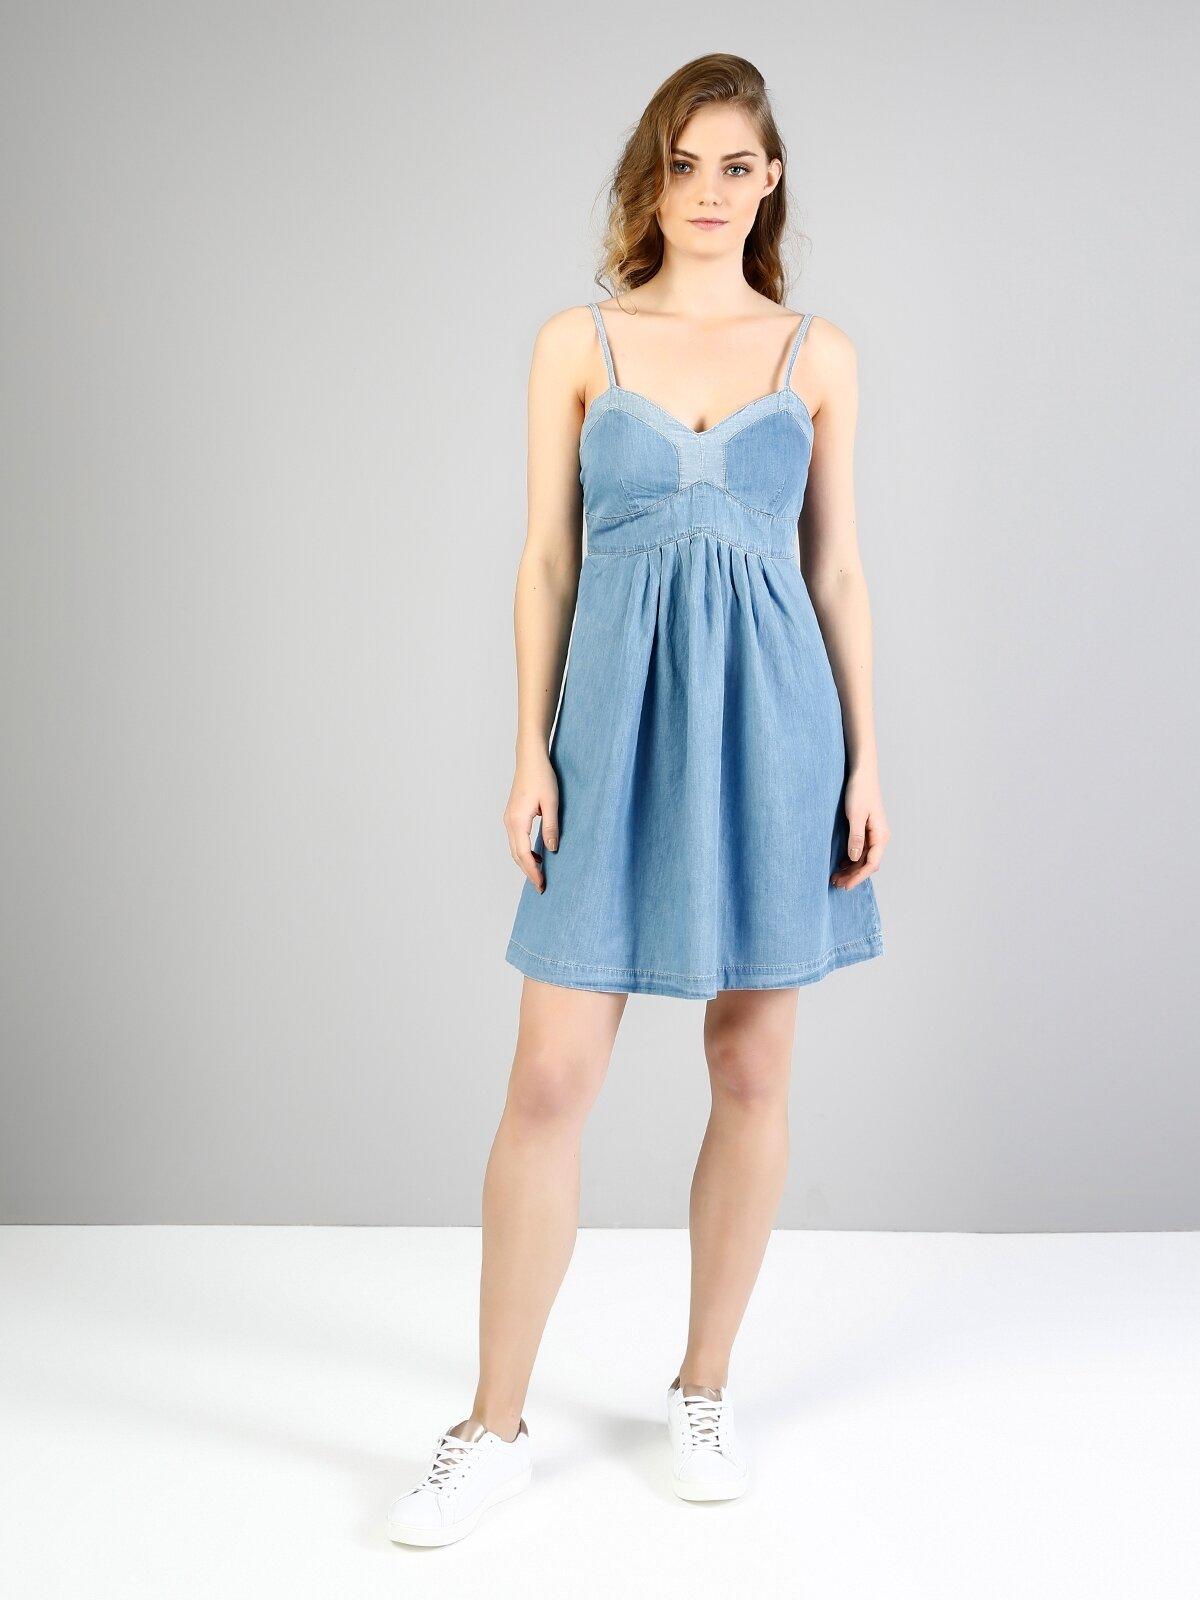 Mavi Derin Yuvarlak Yaka Diz Üstü Kolsuz Jean Elbise